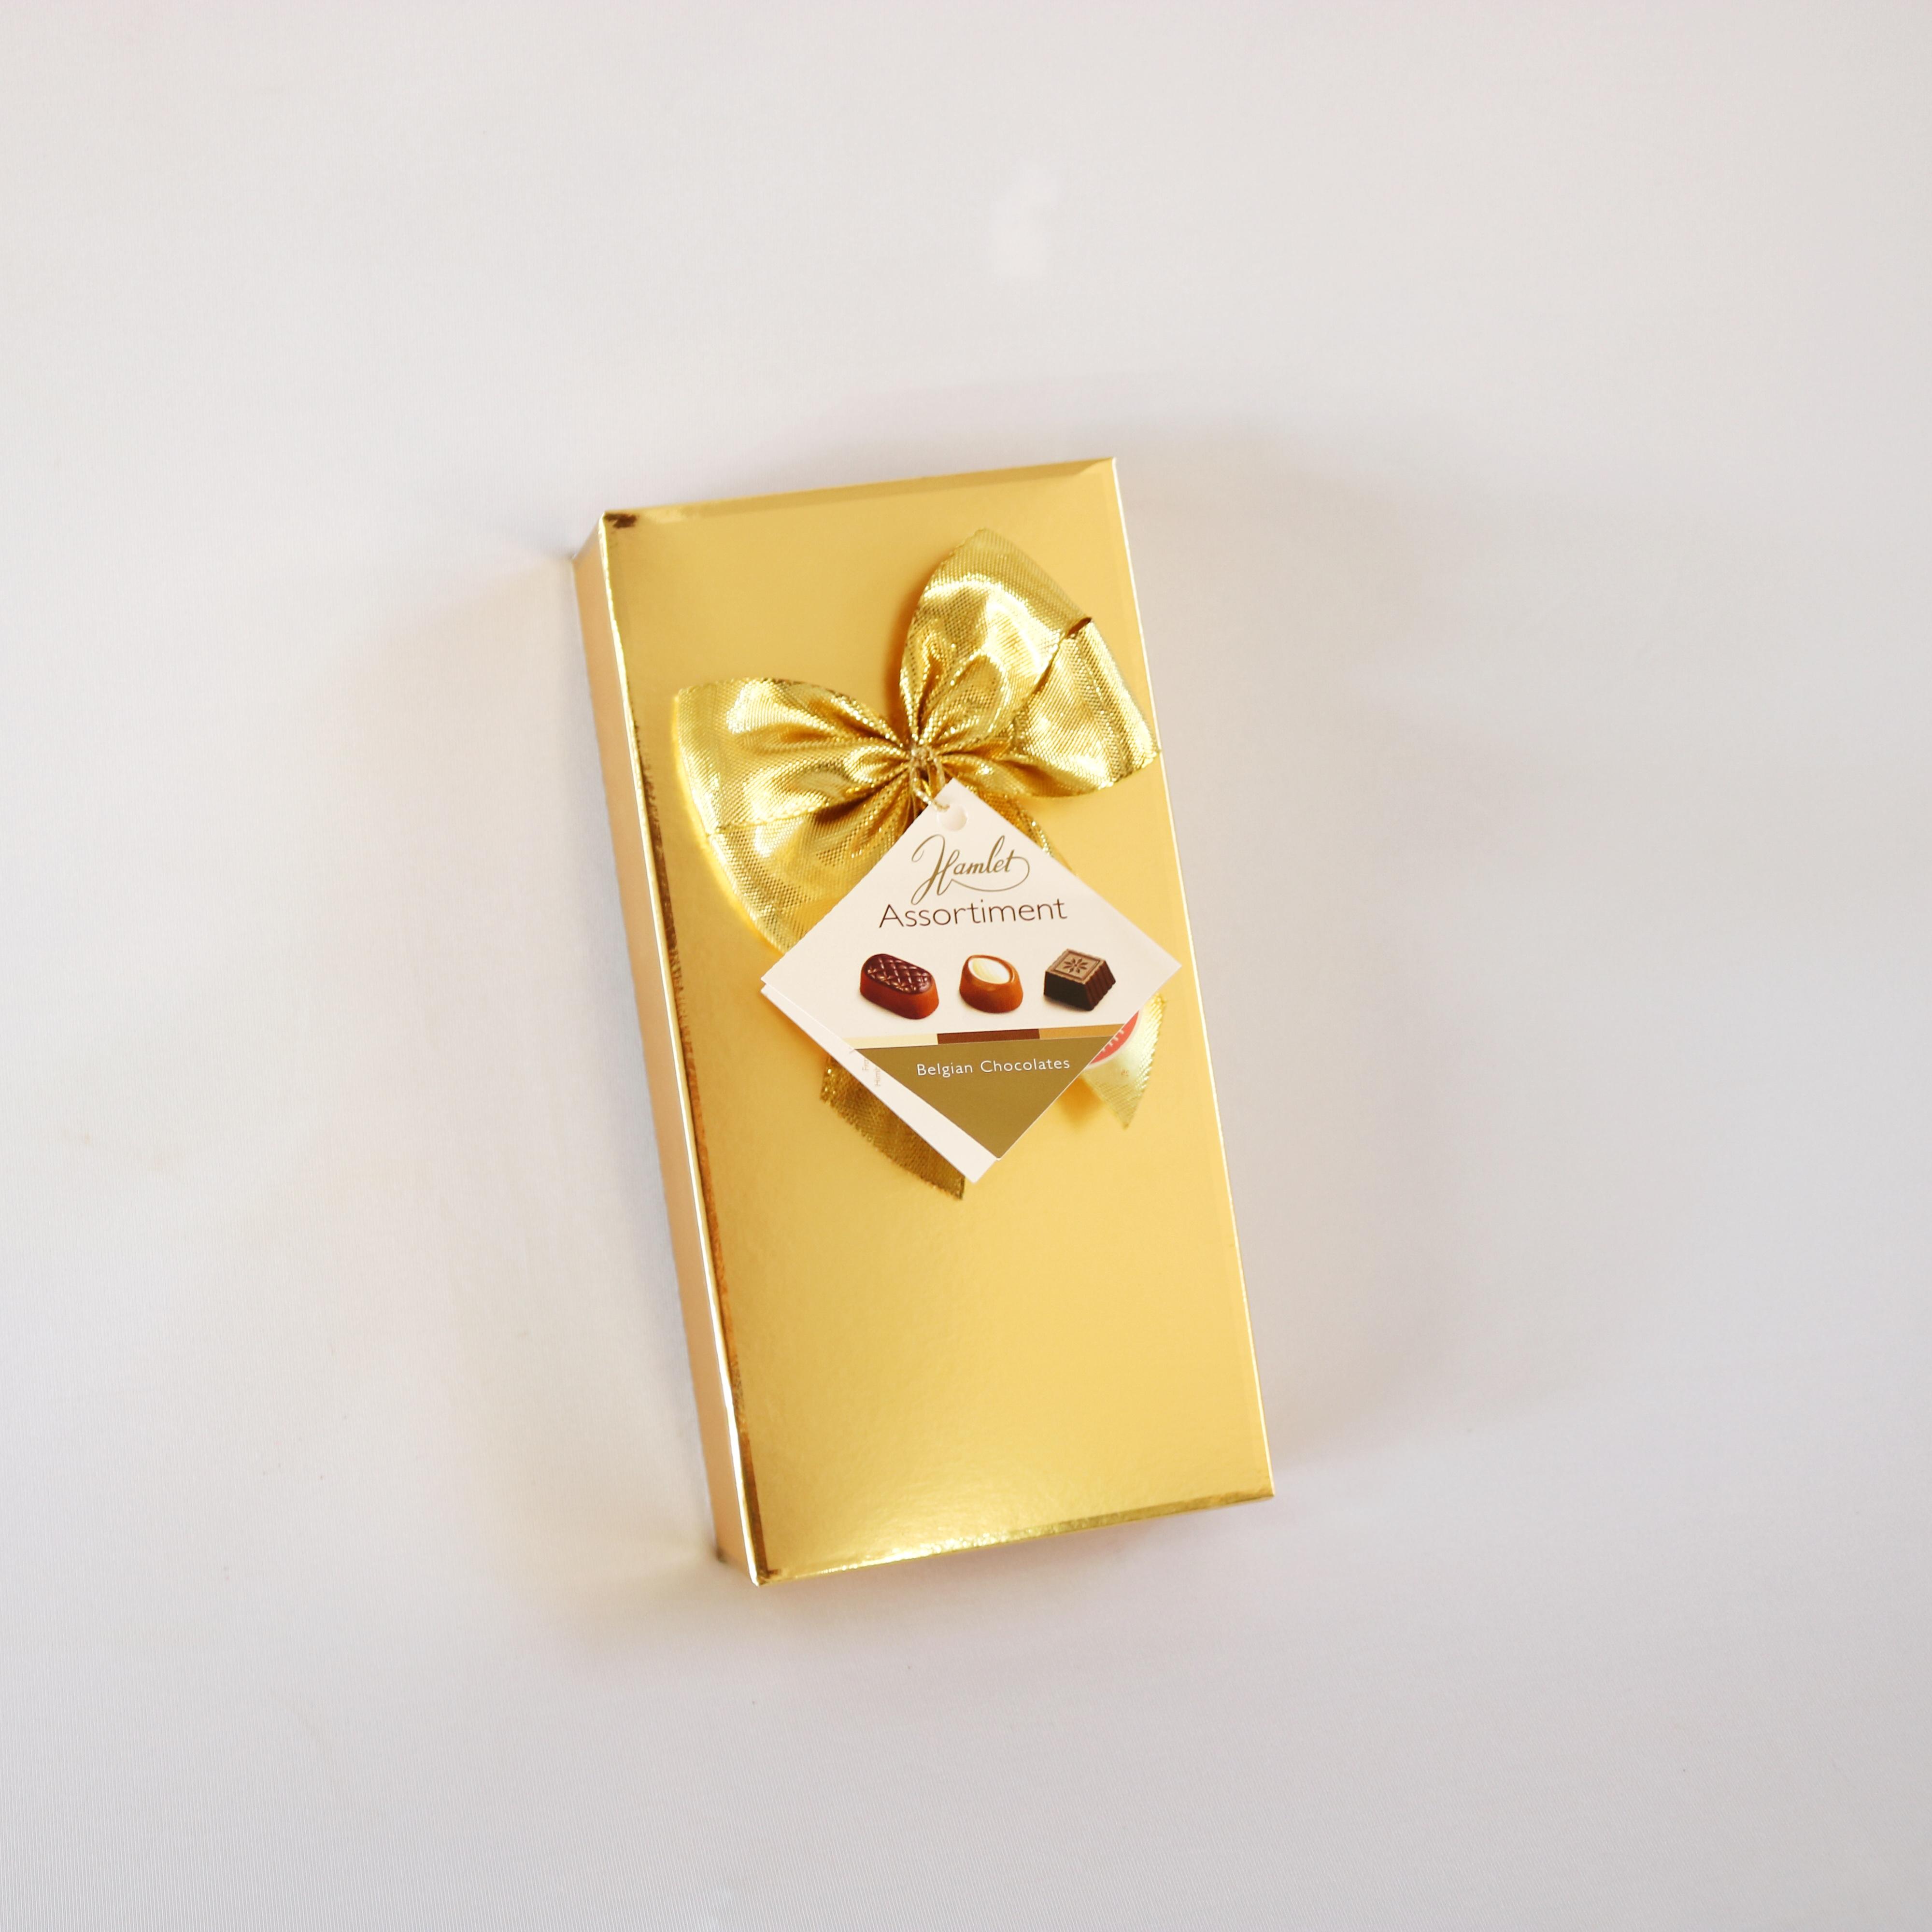 שוקולד המלט זהב